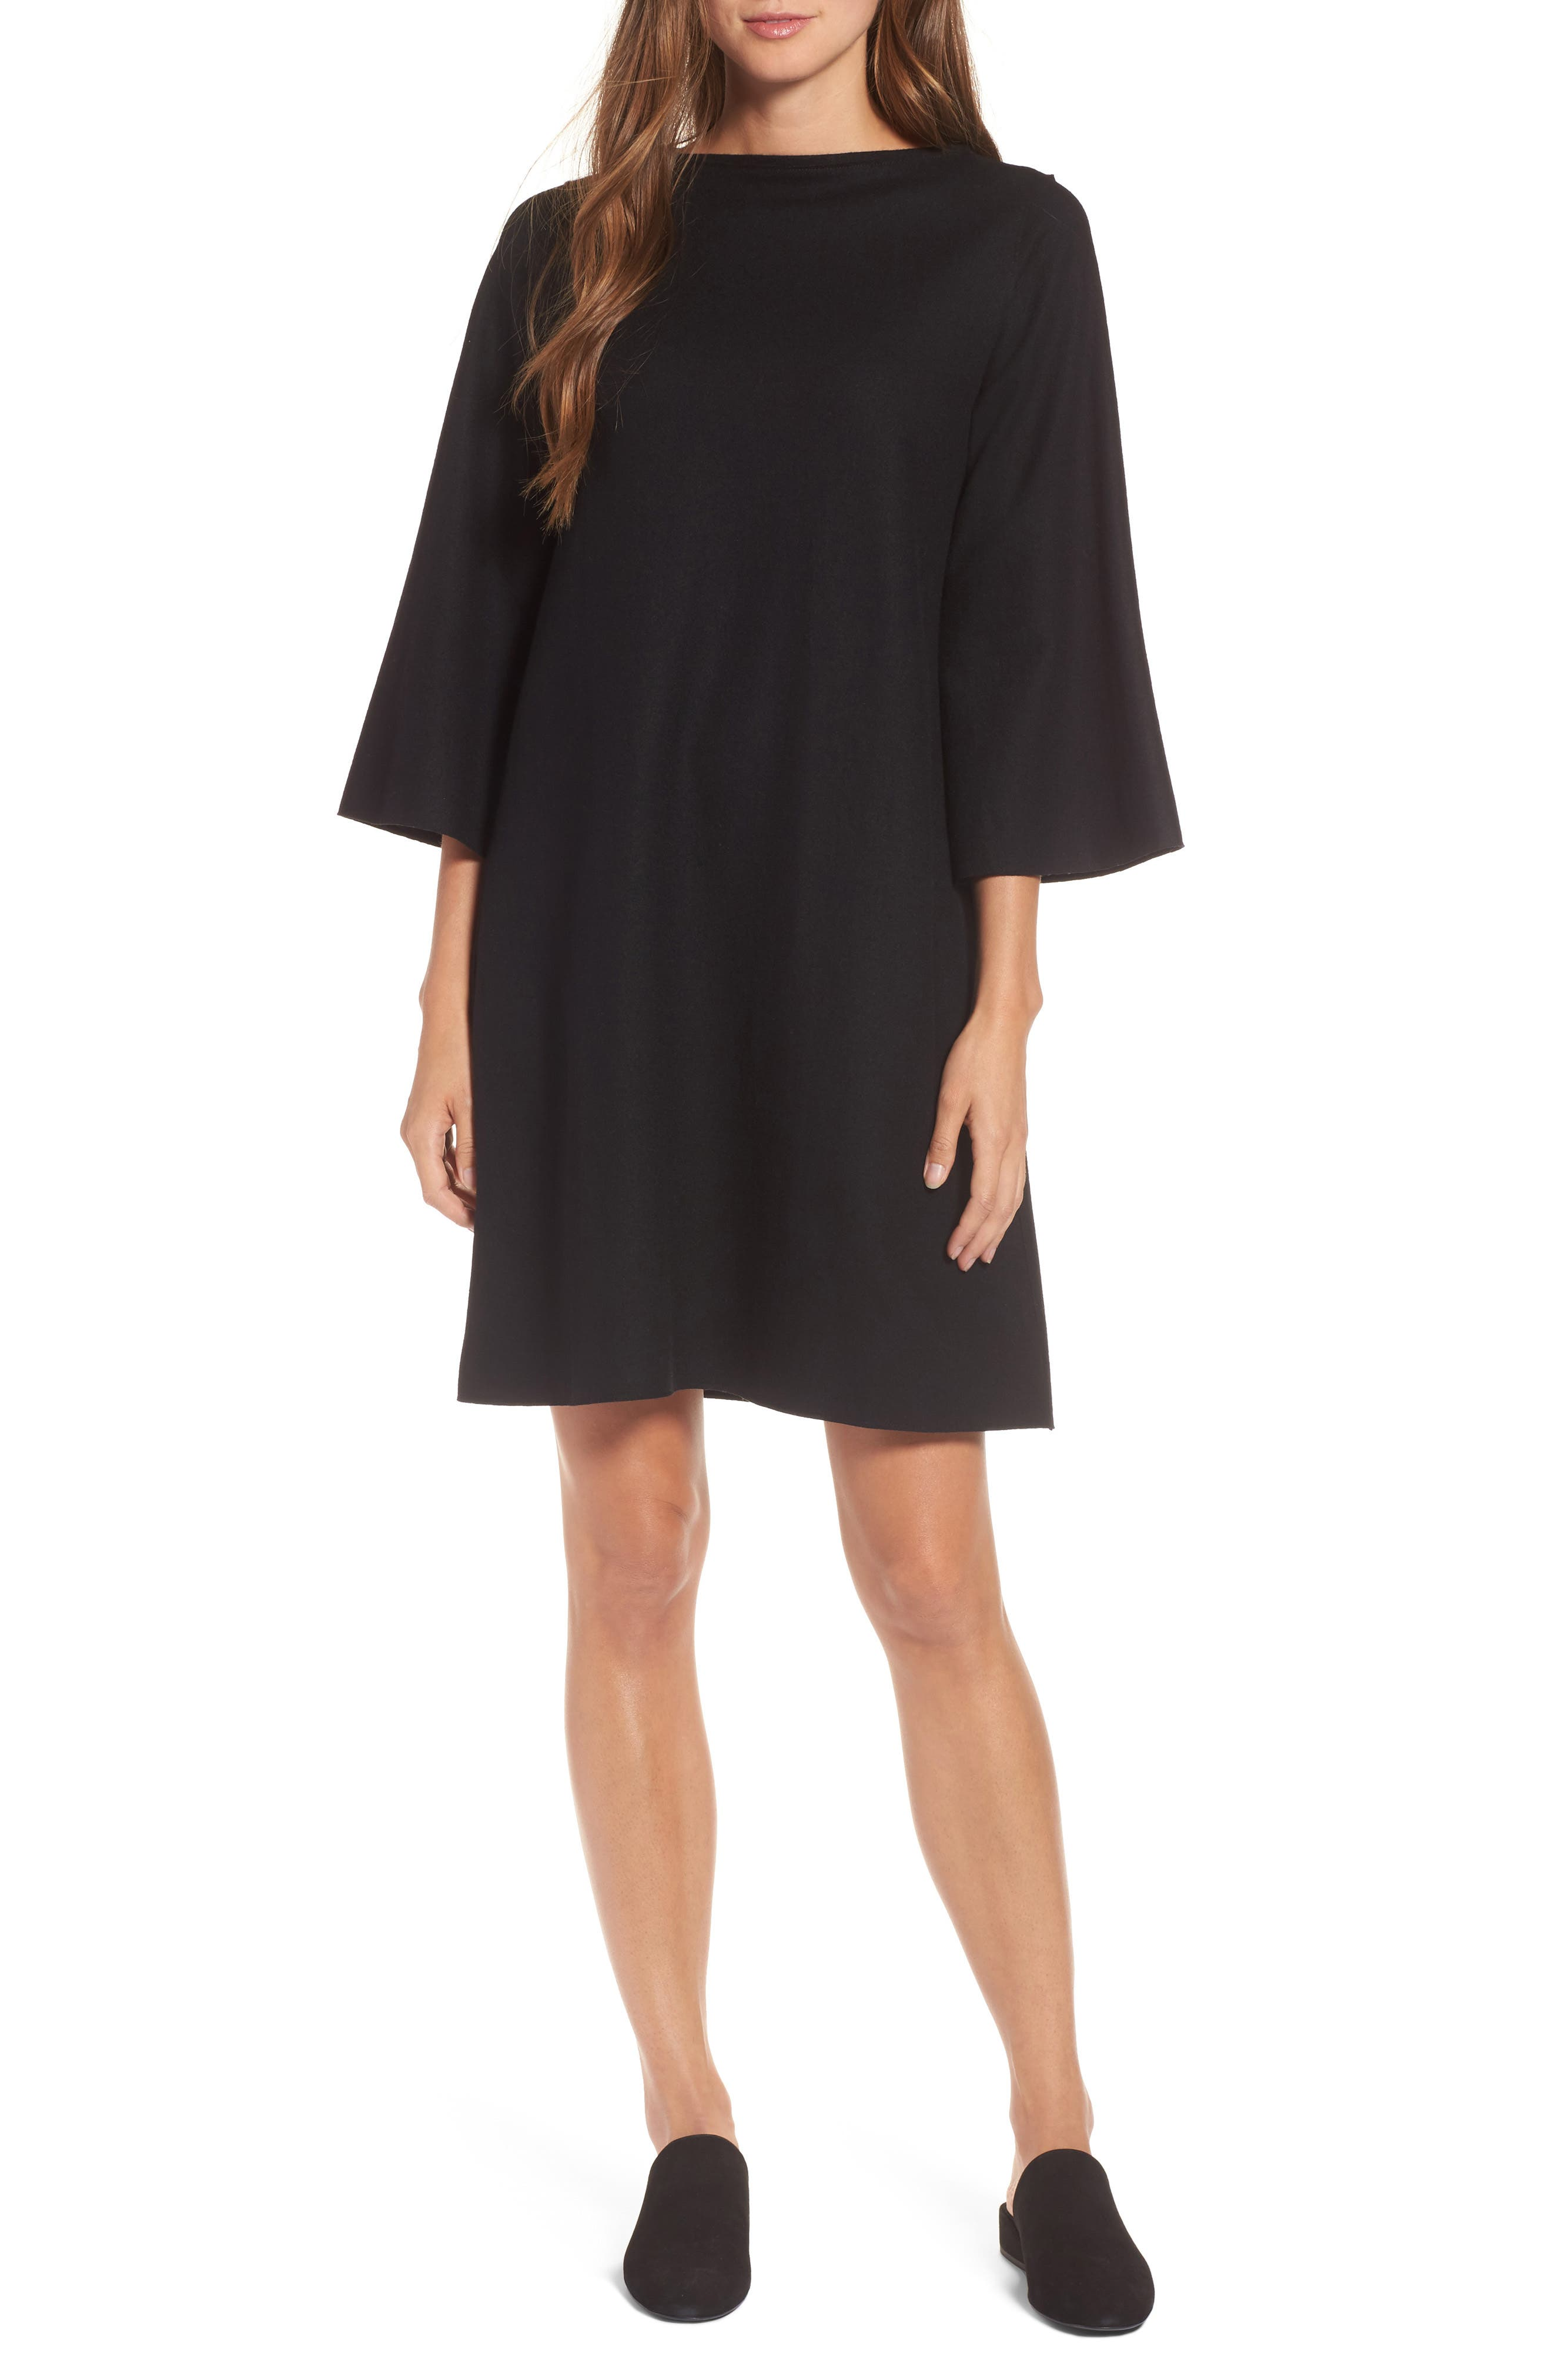 Eileen Fisher Bell Sleeve Dress